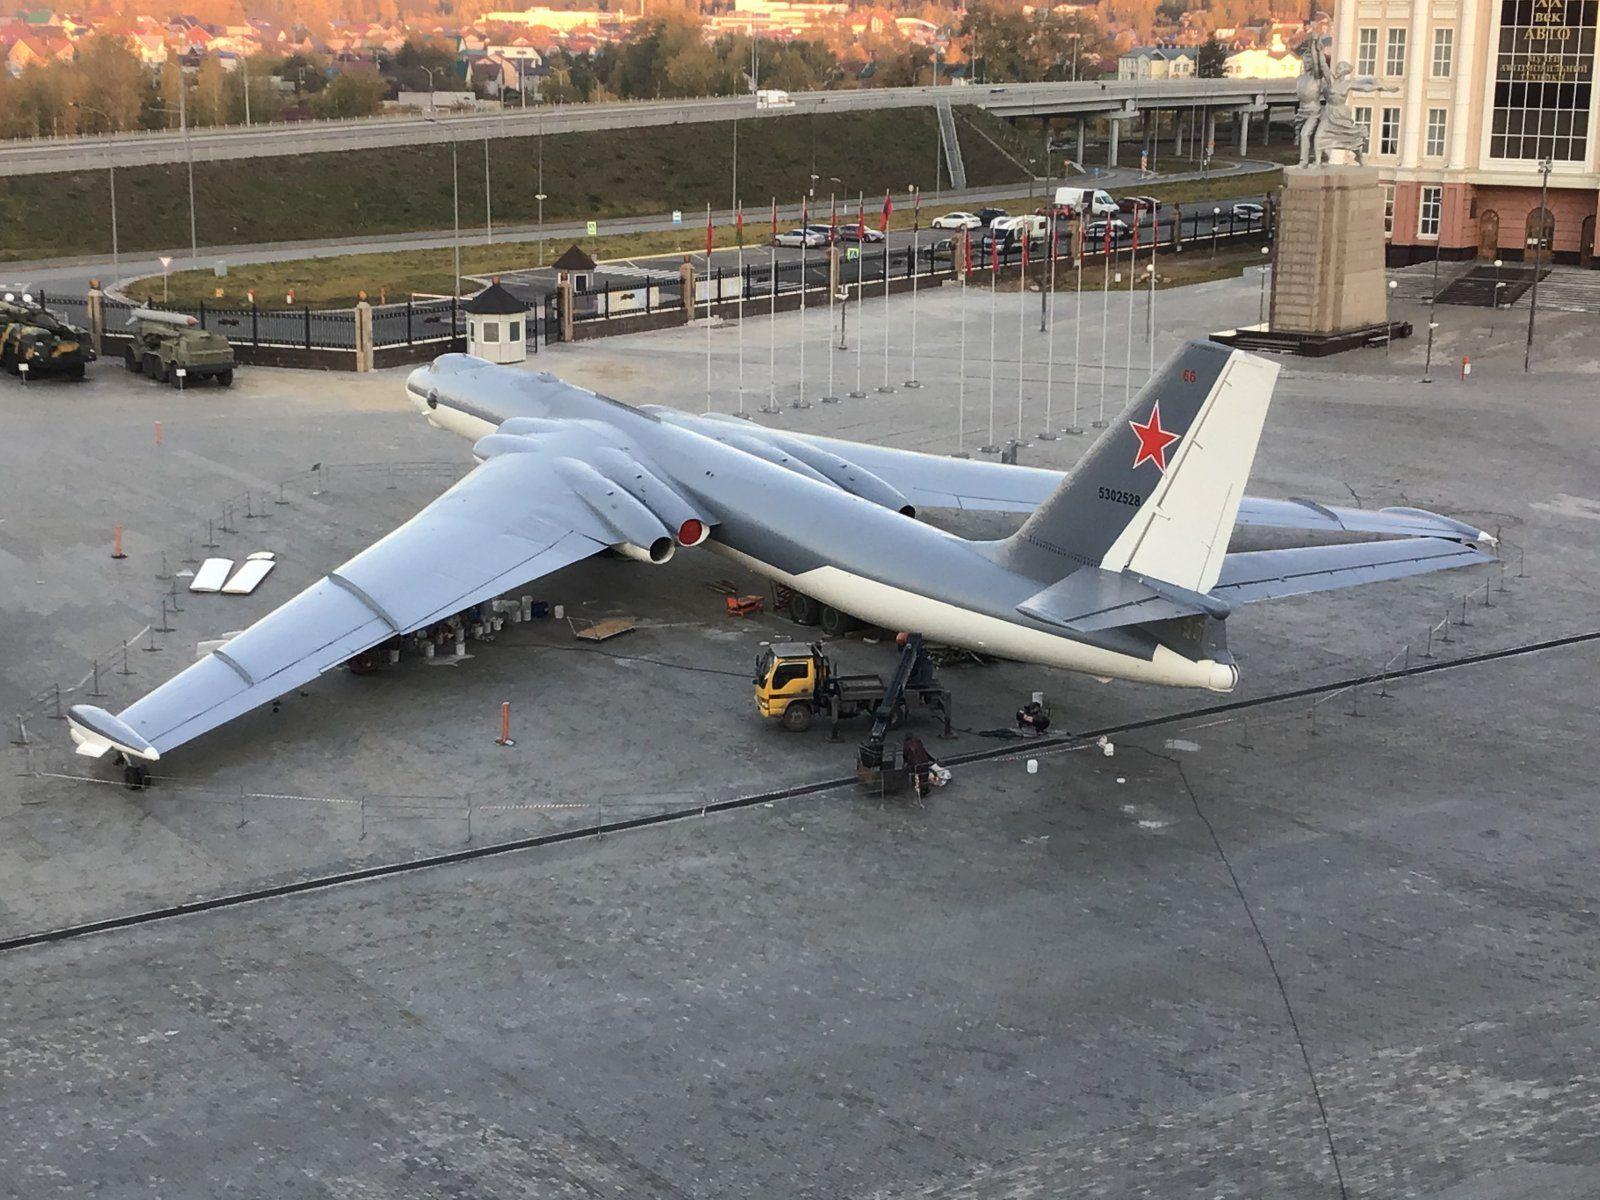 AFFAAFF6-BB0E-4765-976F-1F8622772E6A.jpeg